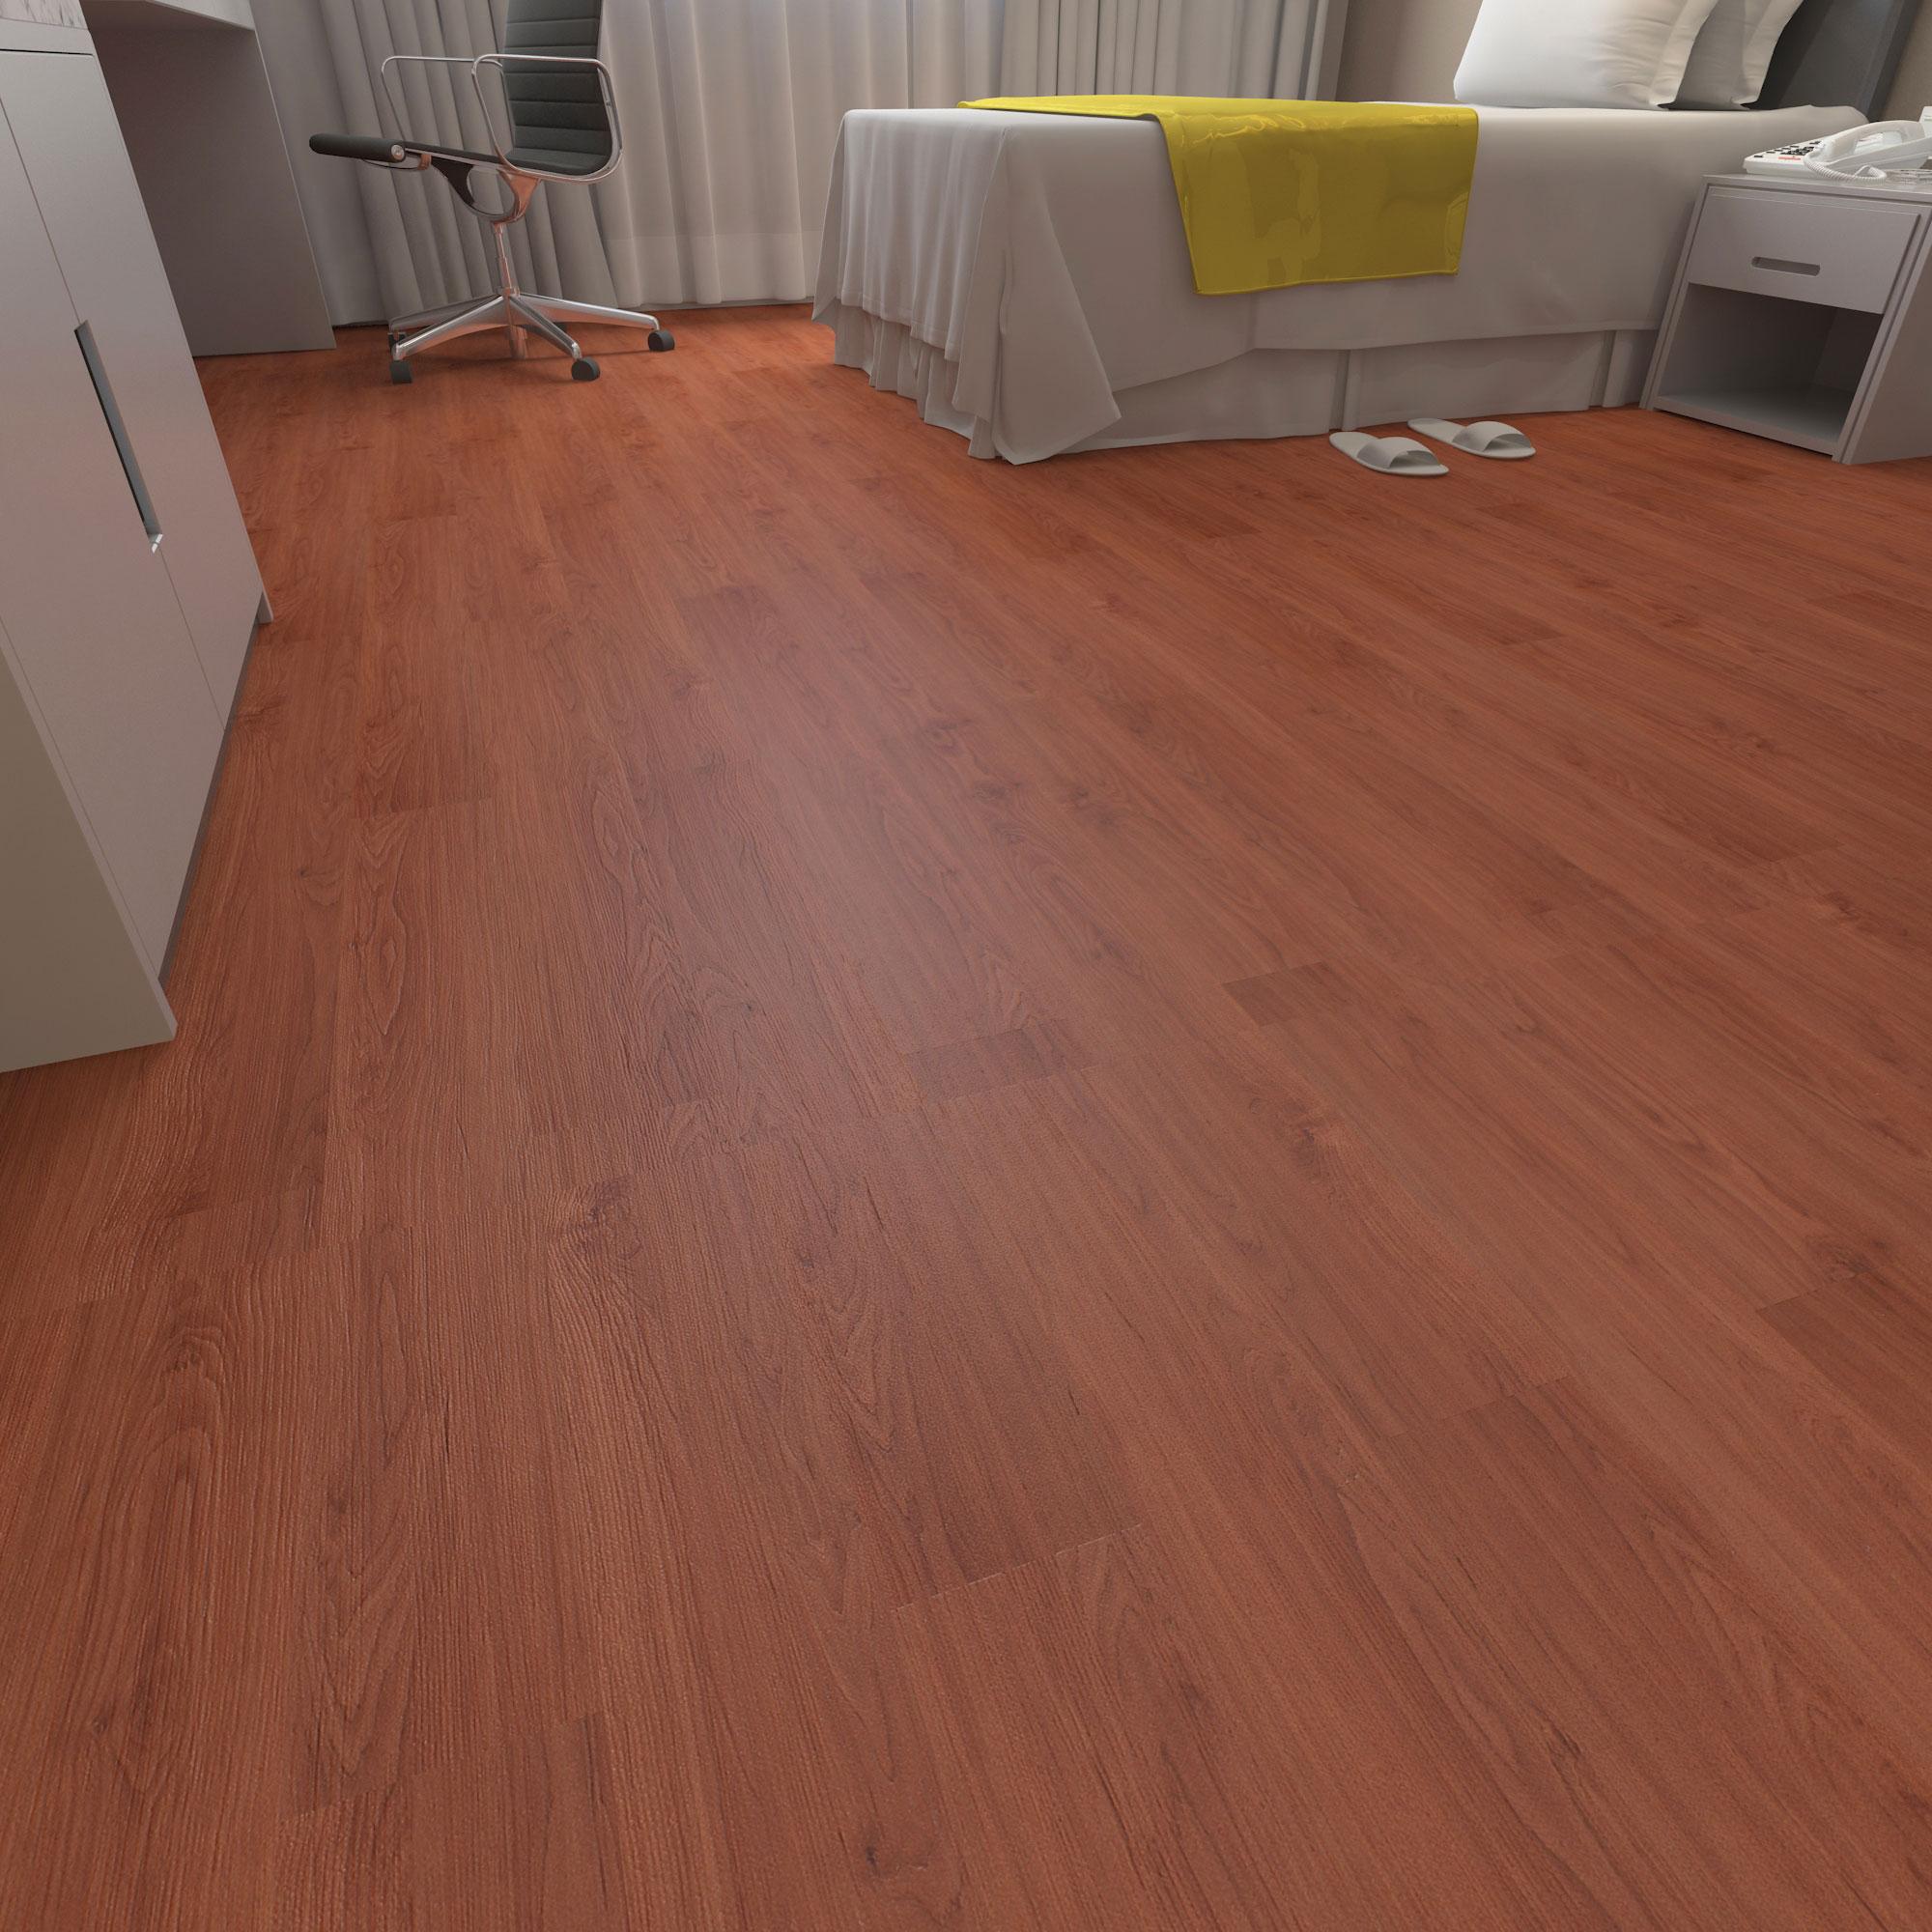 peel and stick floor